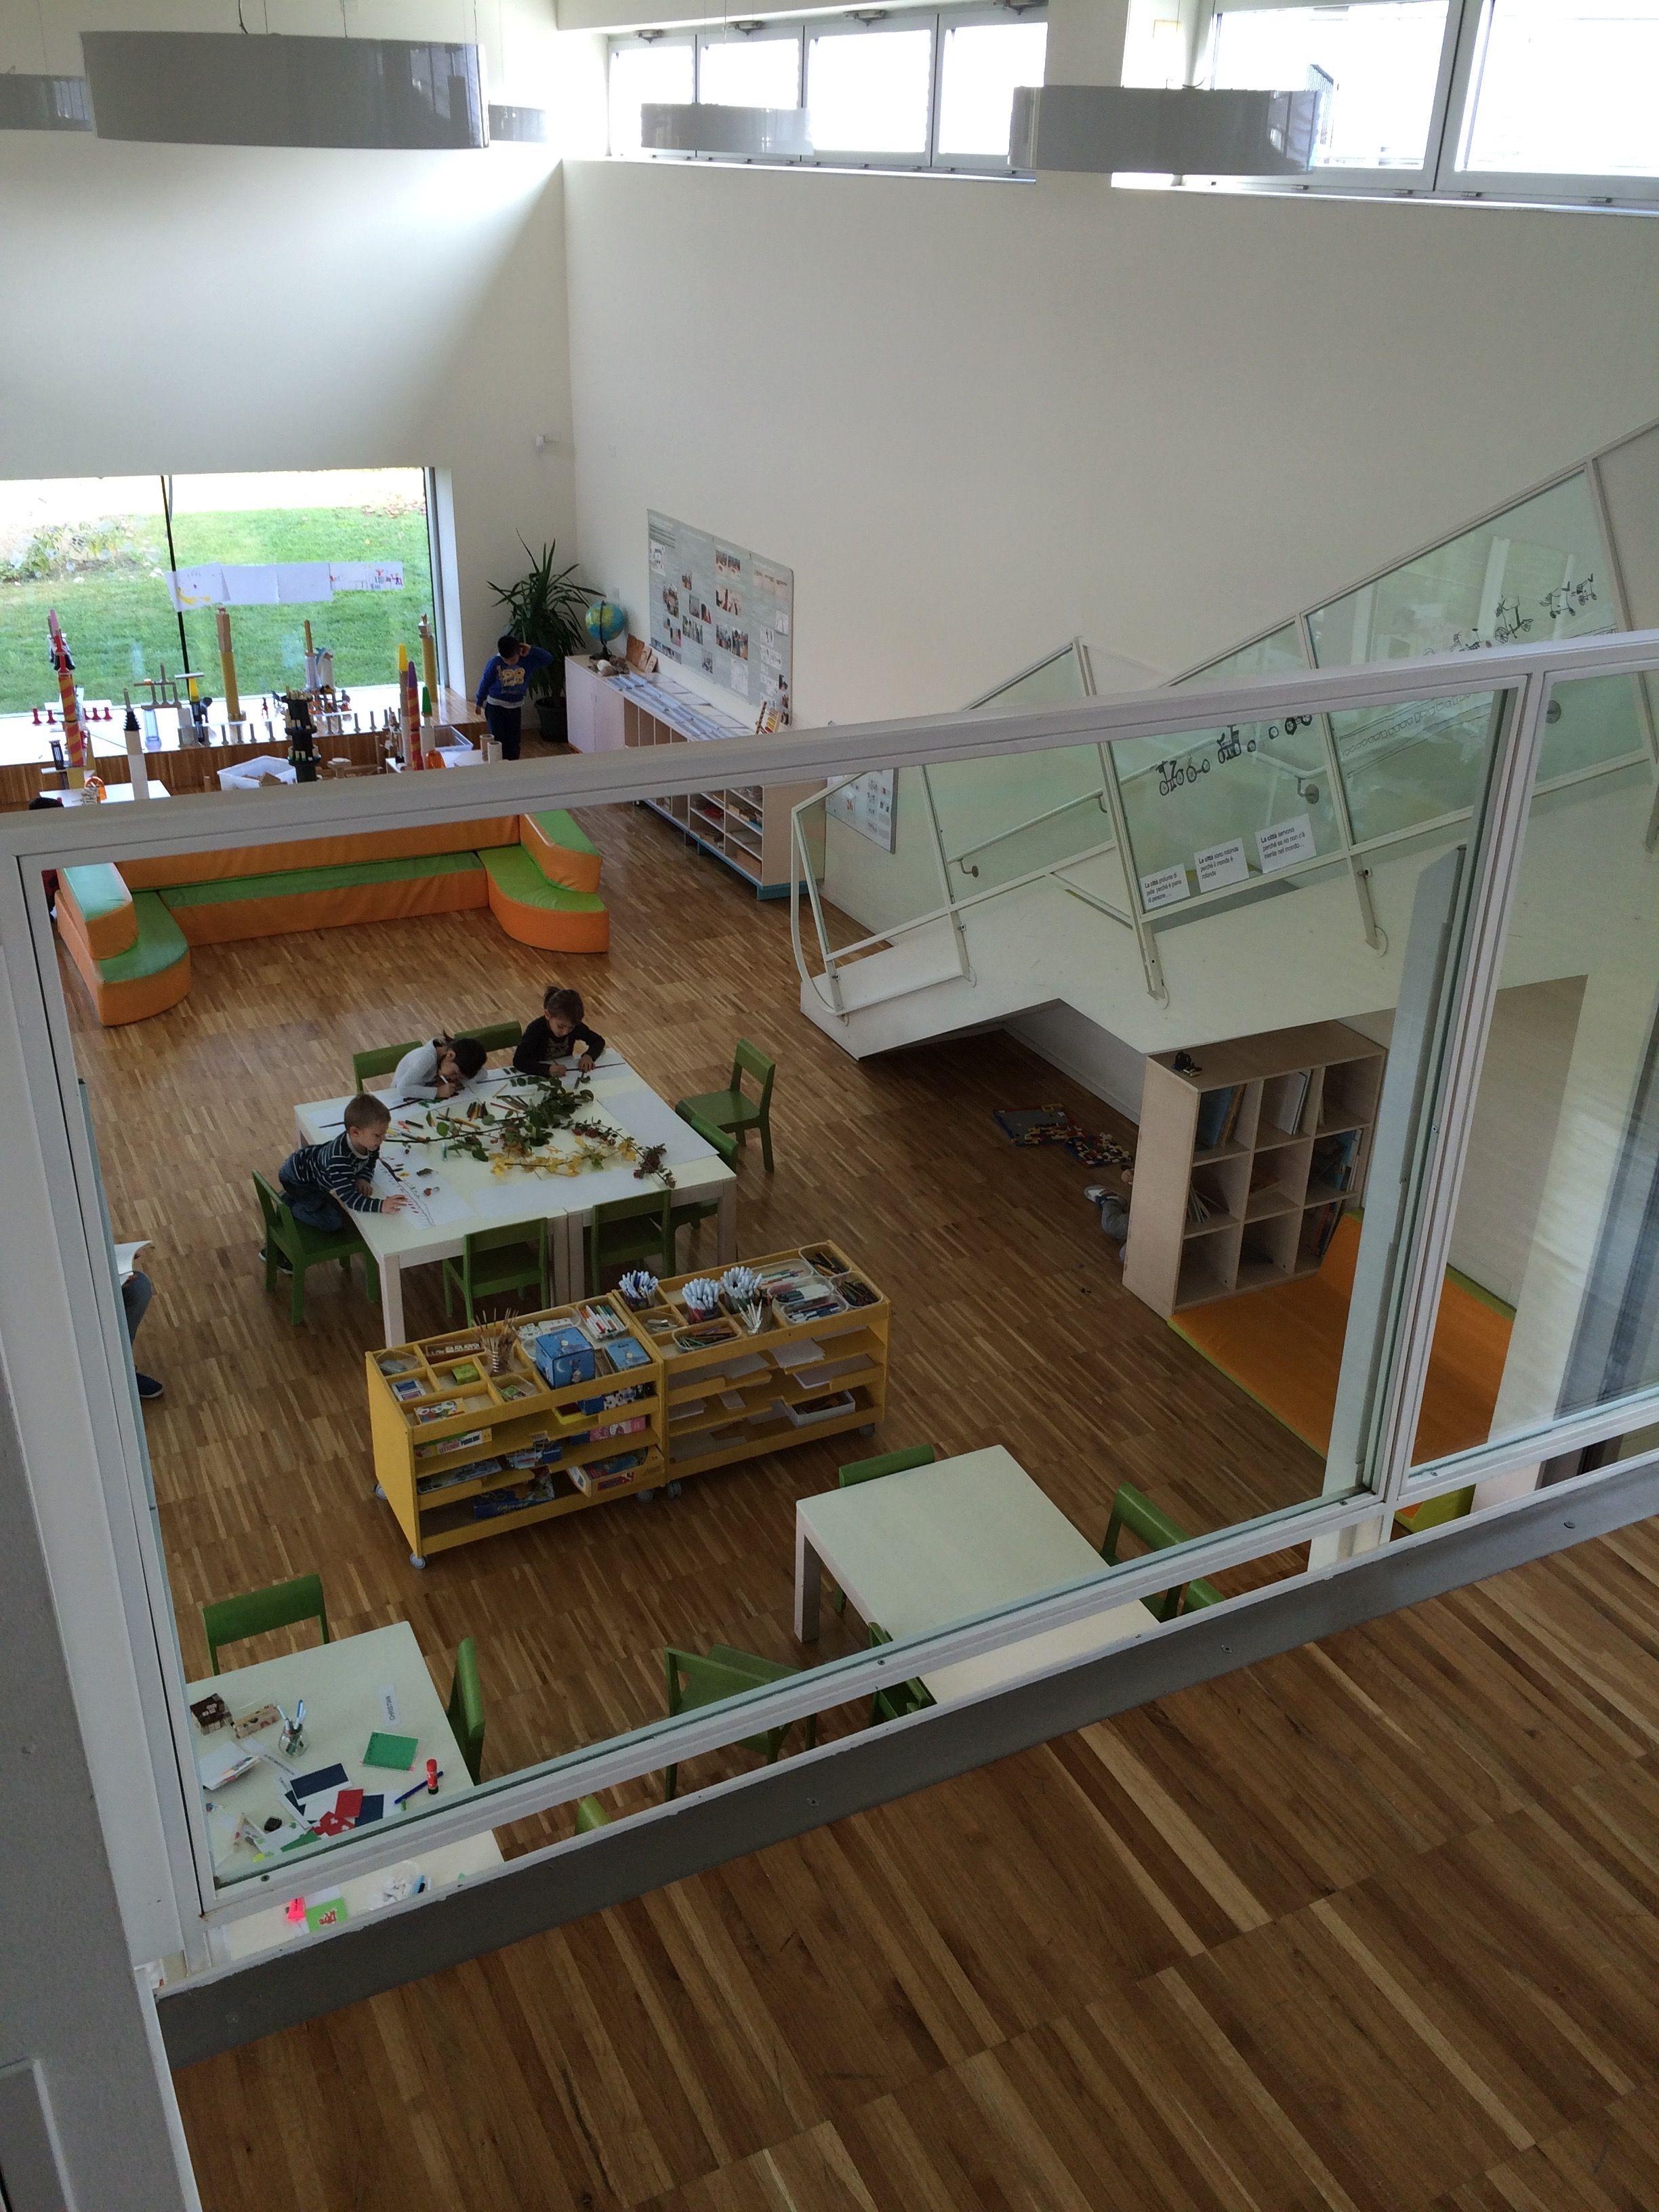 kinderwelten gestalten reggio emilia raumgestaltung. Black Bedroom Furniture Sets. Home Design Ideas